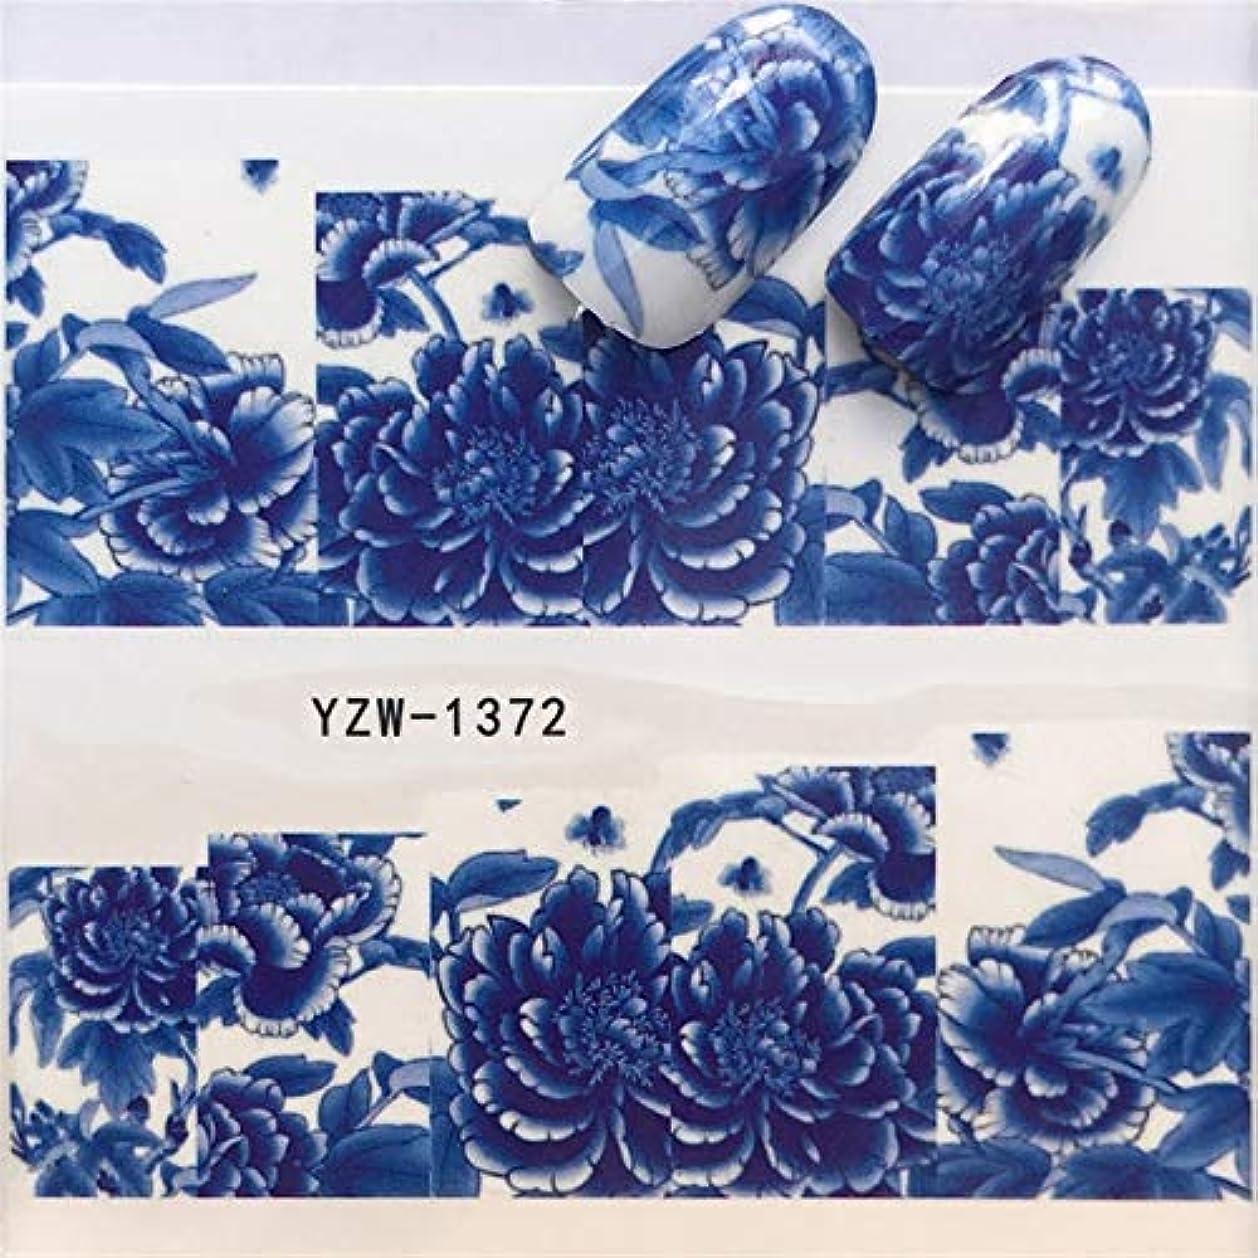 目の前の慎重に失効Yan 3個ネイルステッカーセットデカール水転写スライダーネイルアートデコレーション、色:YZW 1372